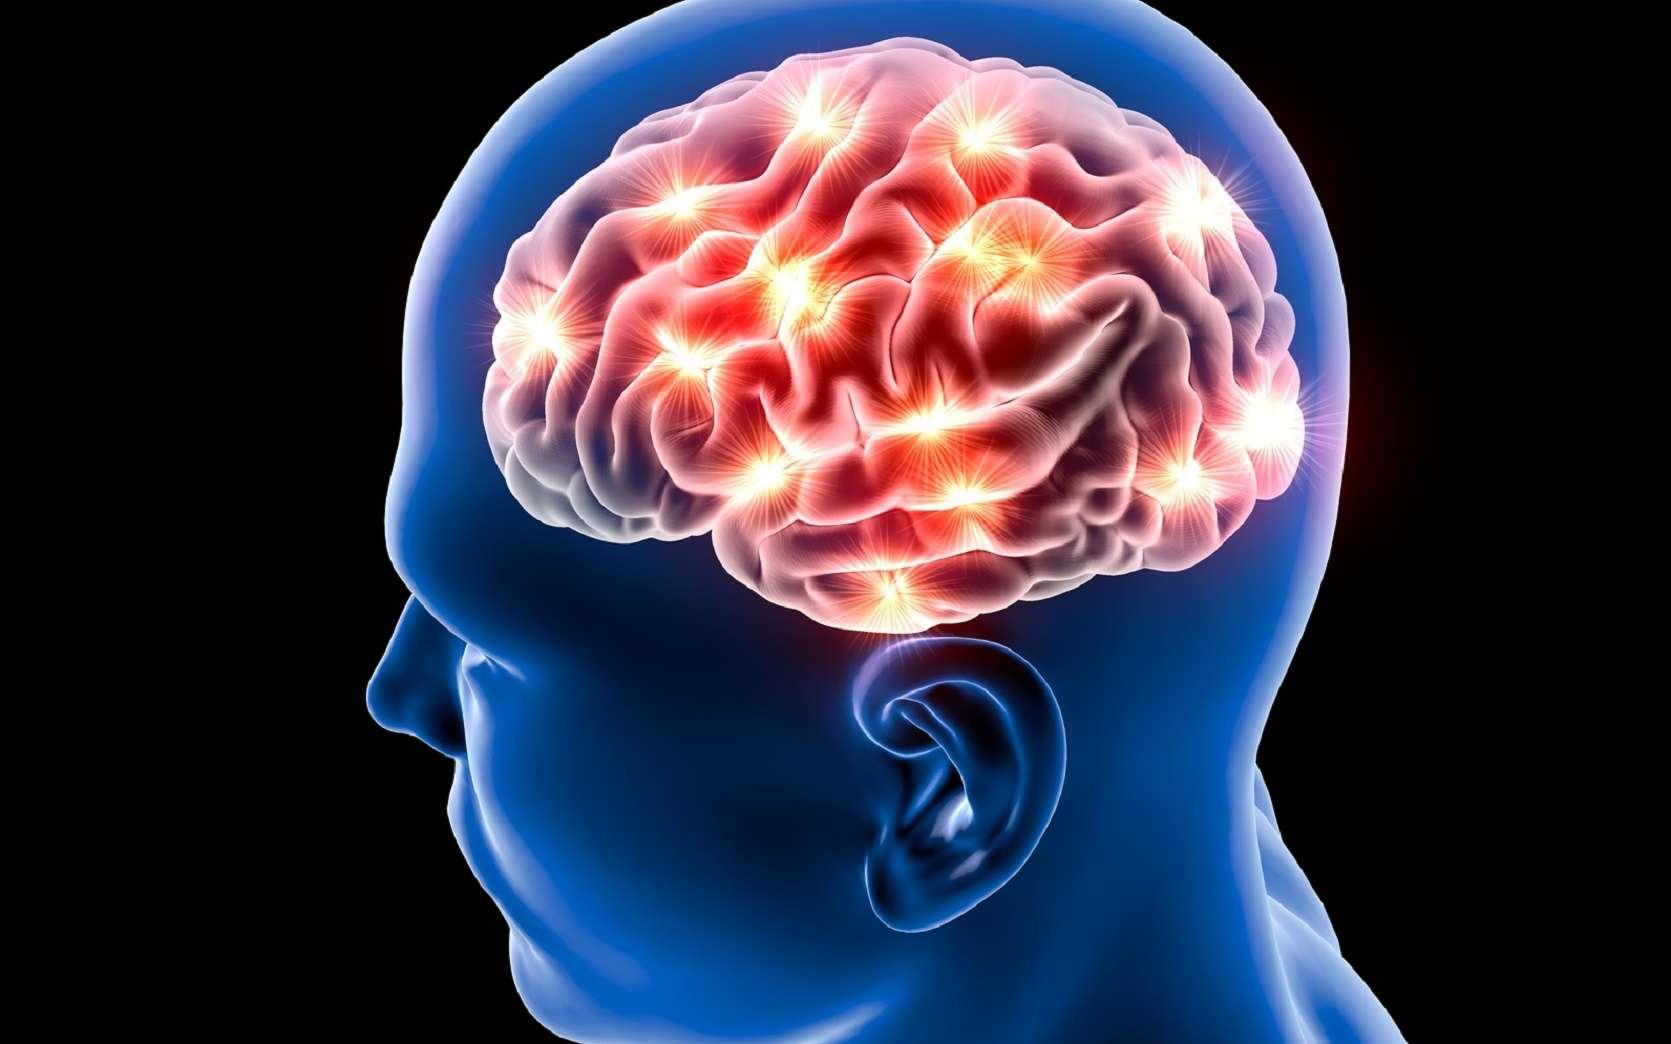 8a27d37cd1_110890_gyrus-cerveau